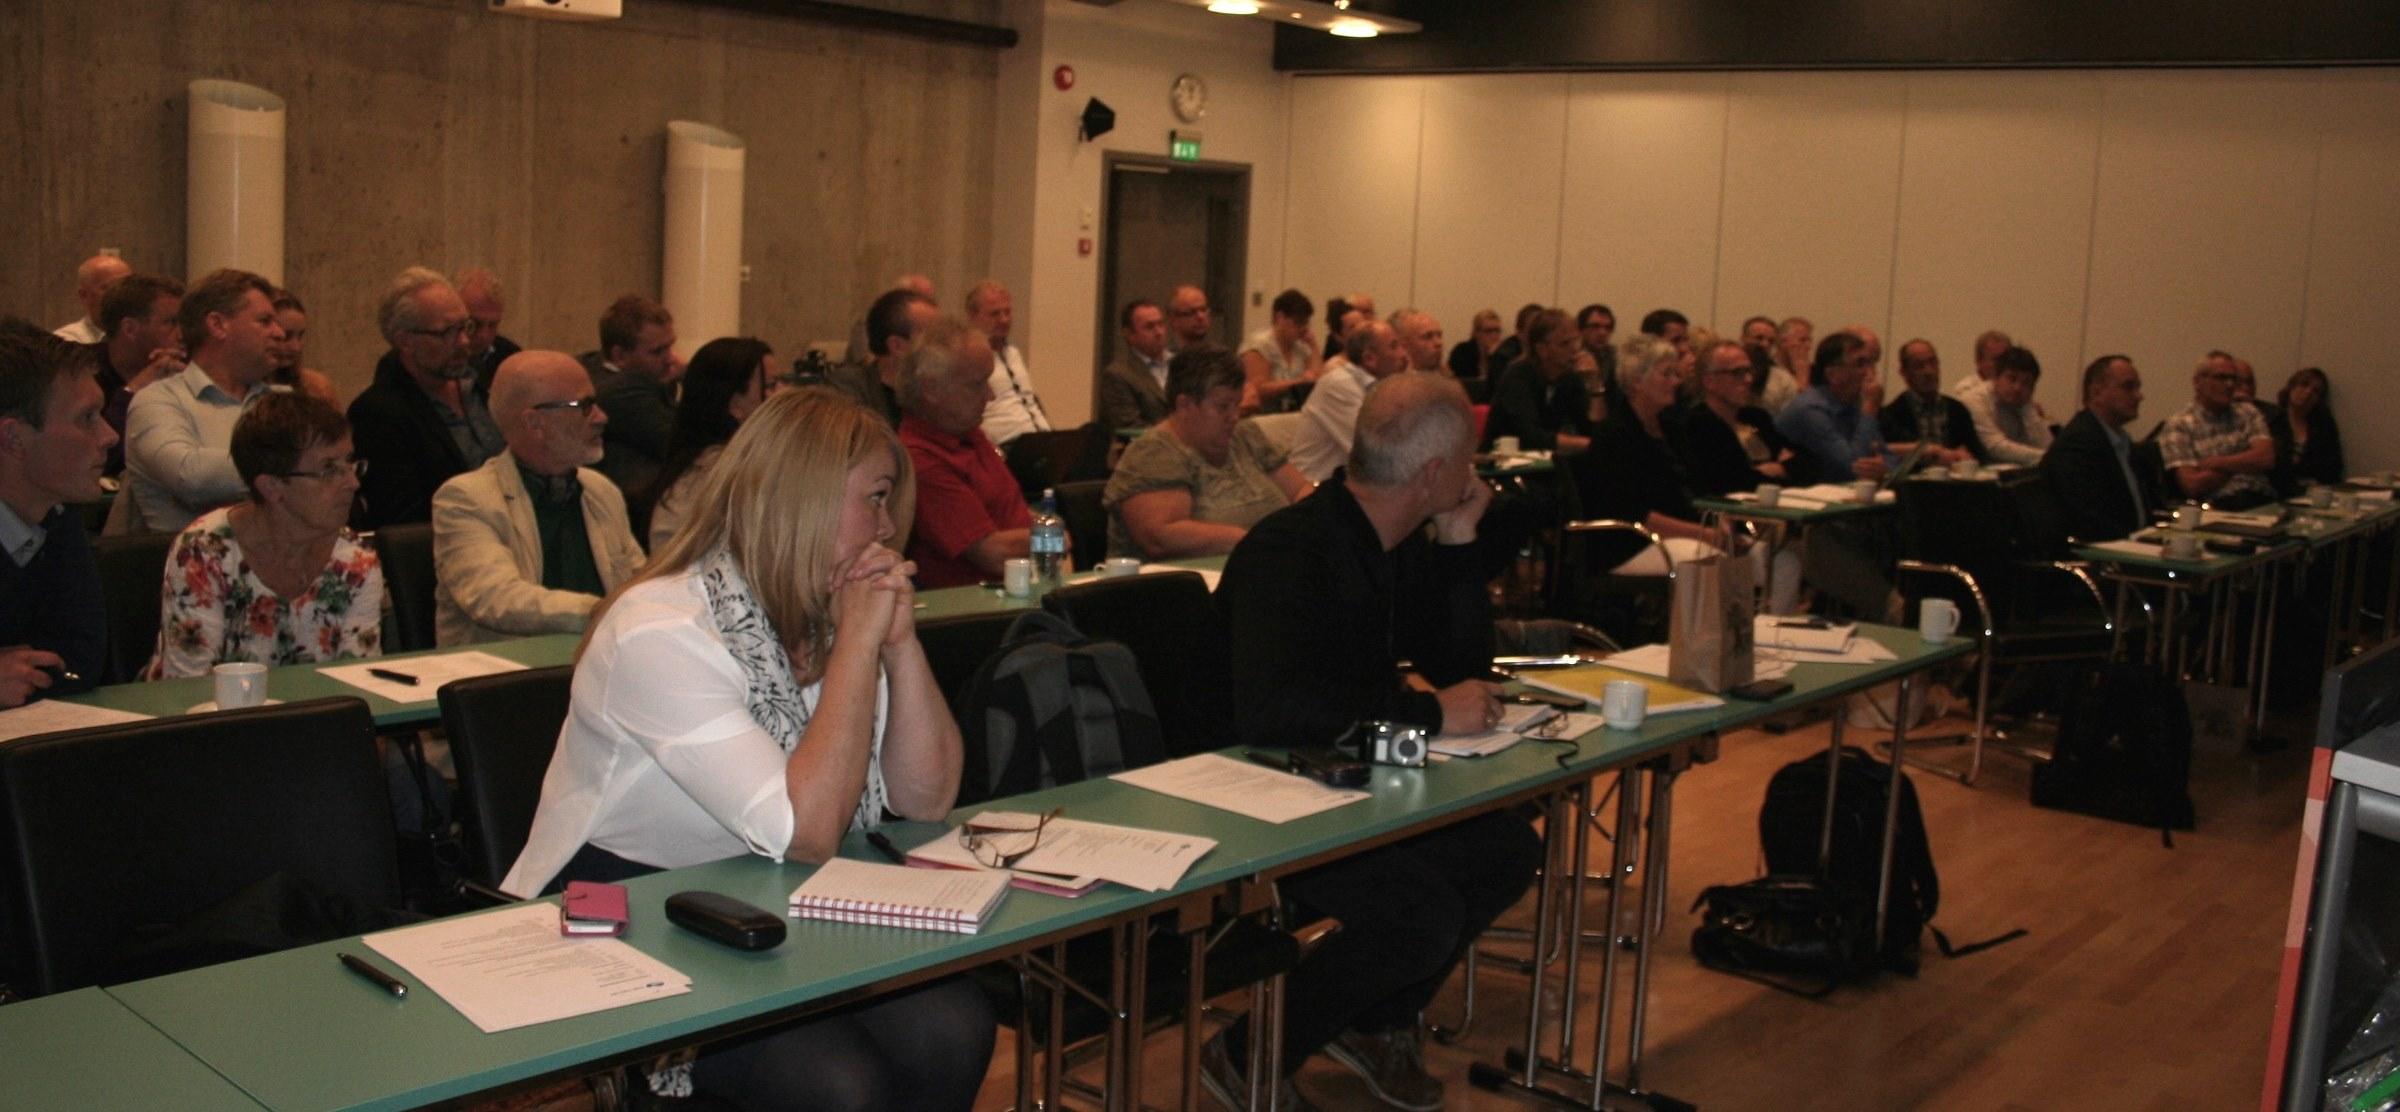 Felles formannskapsdag 5.9.2014 deltakarar.jpg